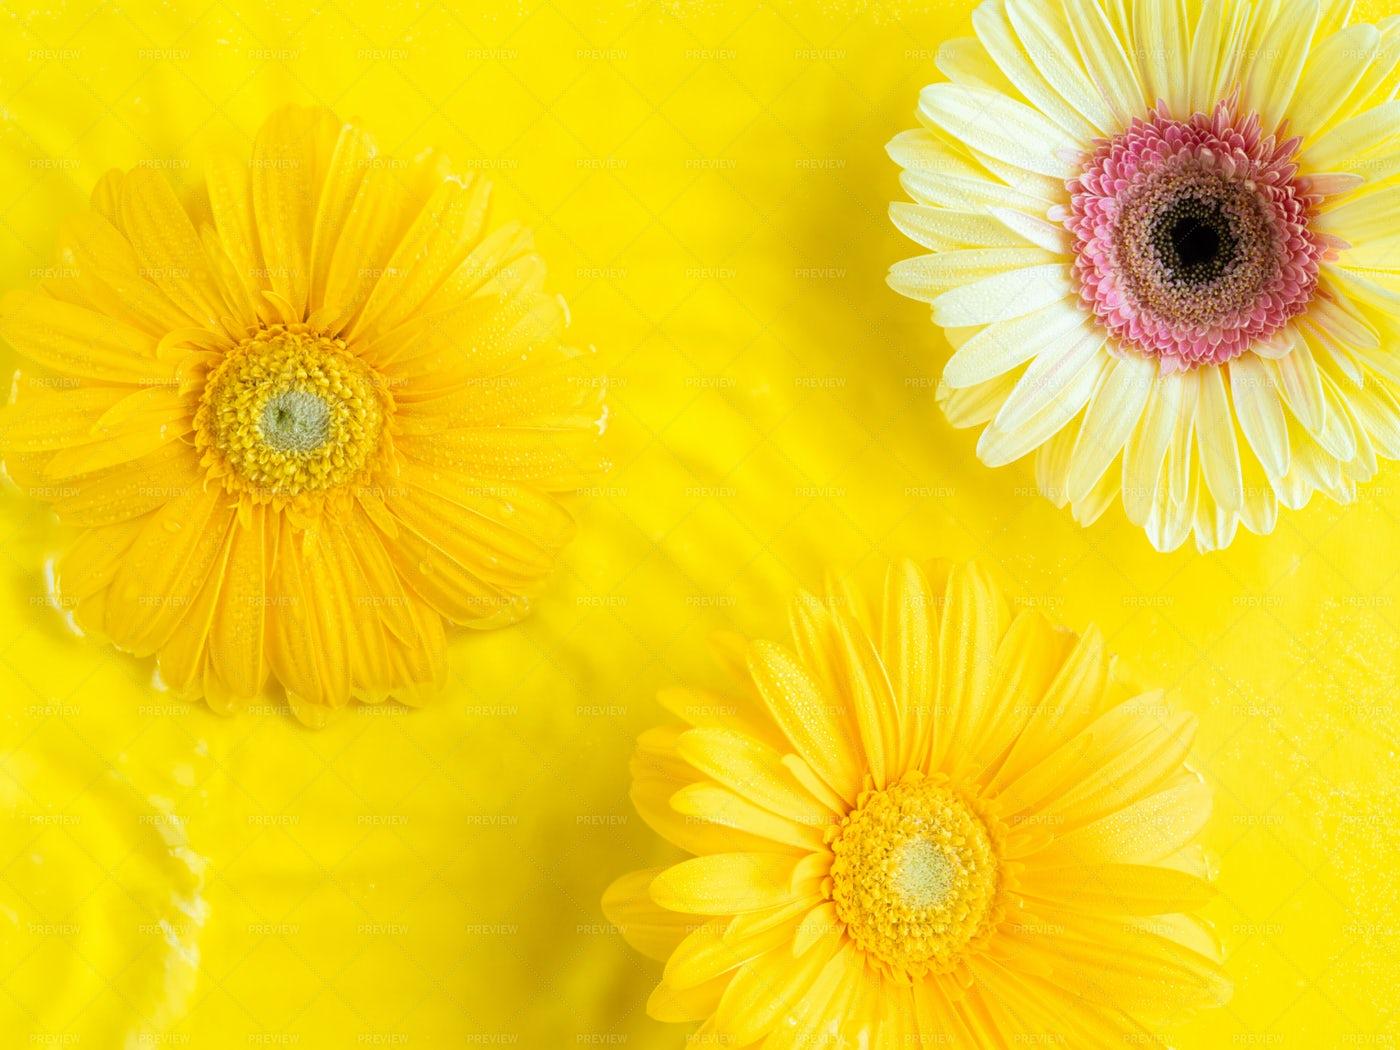 Yellow Beautiful Gerbera Daisies: Stock Photos